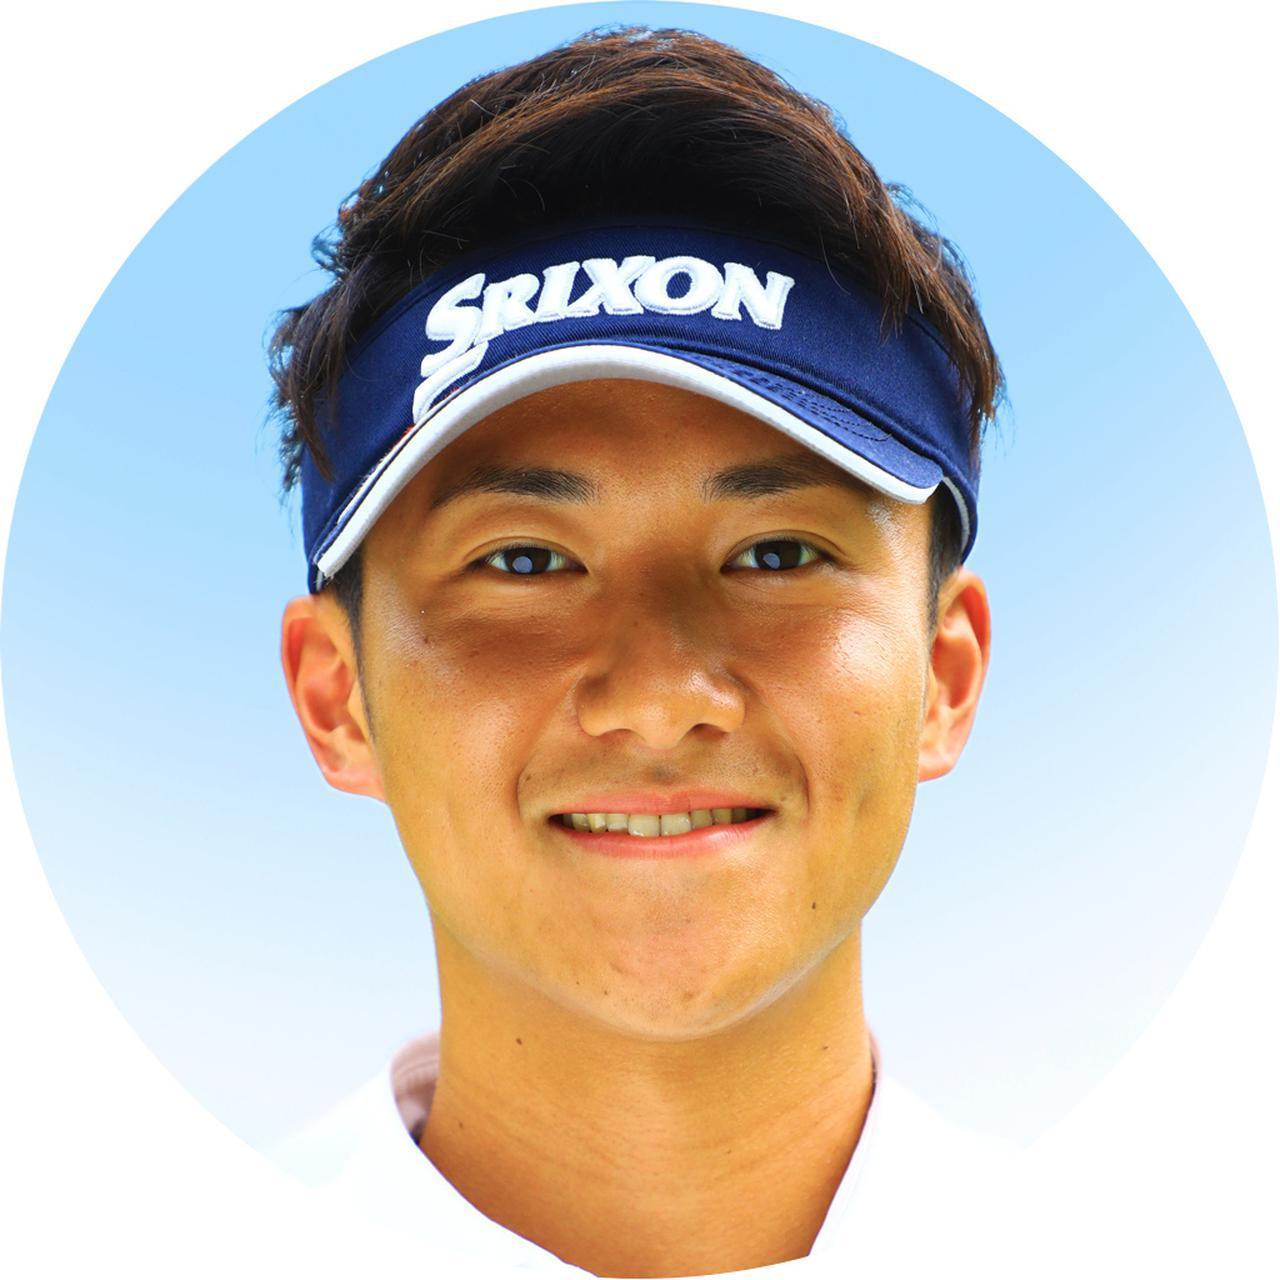 画像: 【解説】大澤和也プロ おおさわかずや。1997年生まれ愛知県出身。アマチュア時代に日本アマ優勝など輝かしい成績を残す。若手プロとして活躍が期待されるひとり